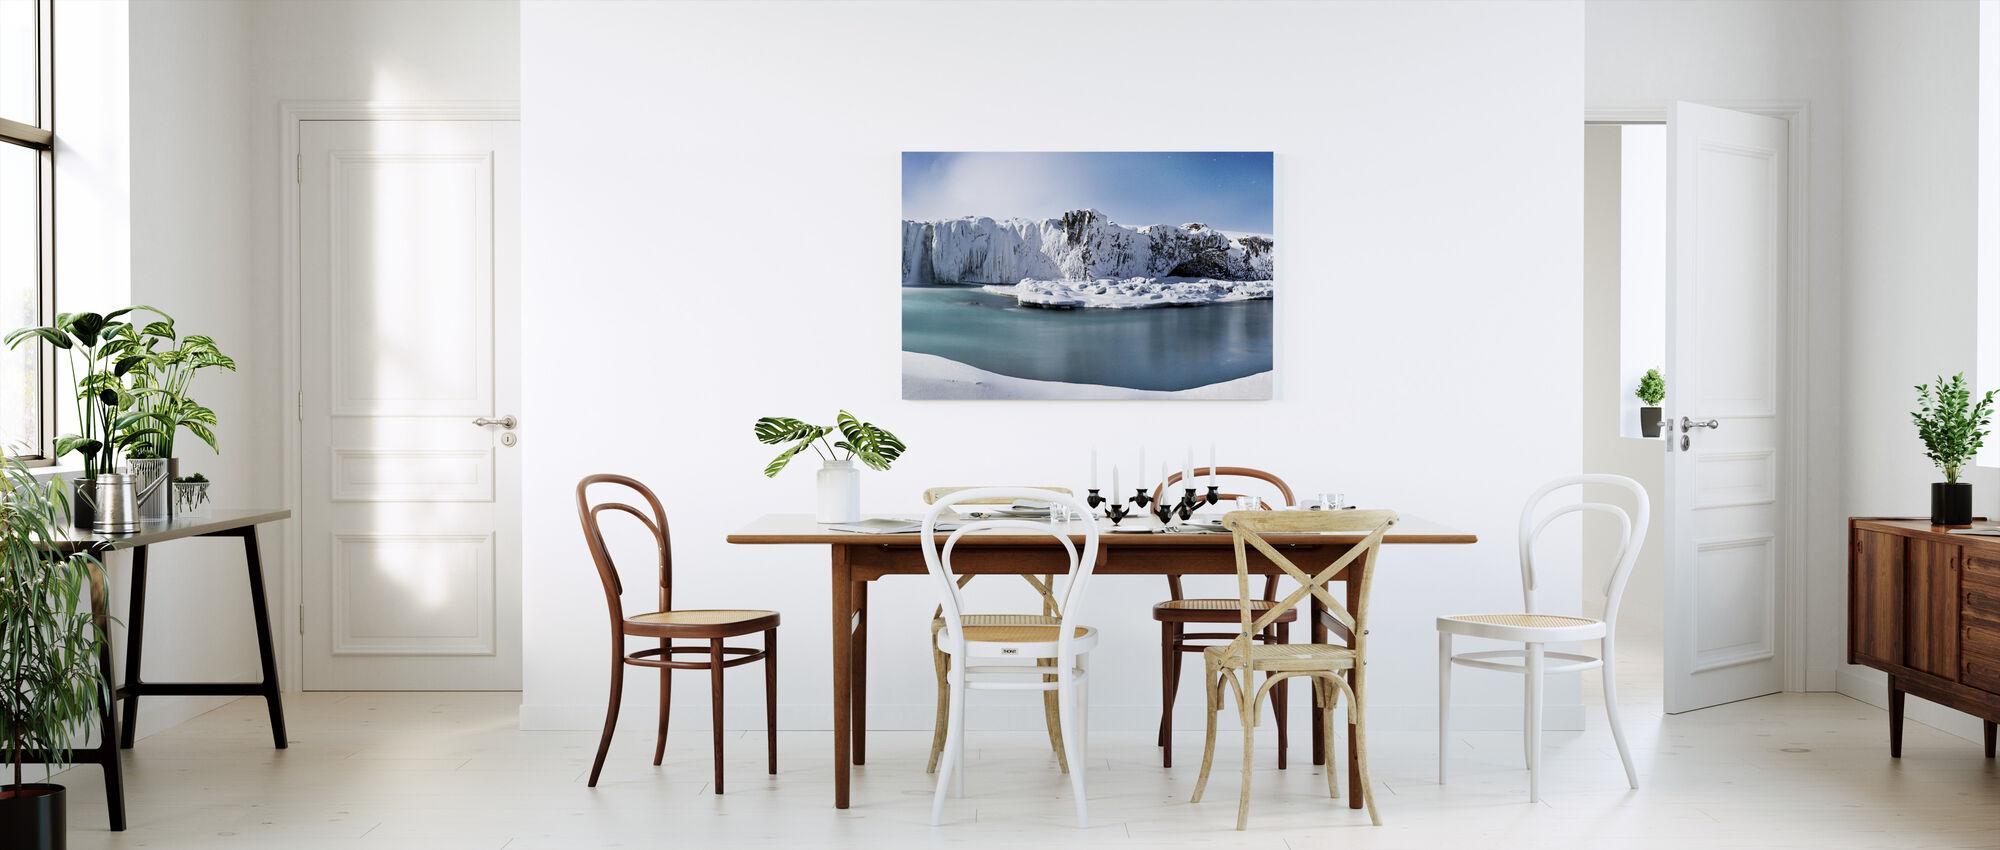 Godafoss Fosser - Lerretsbilde - Kjøkken